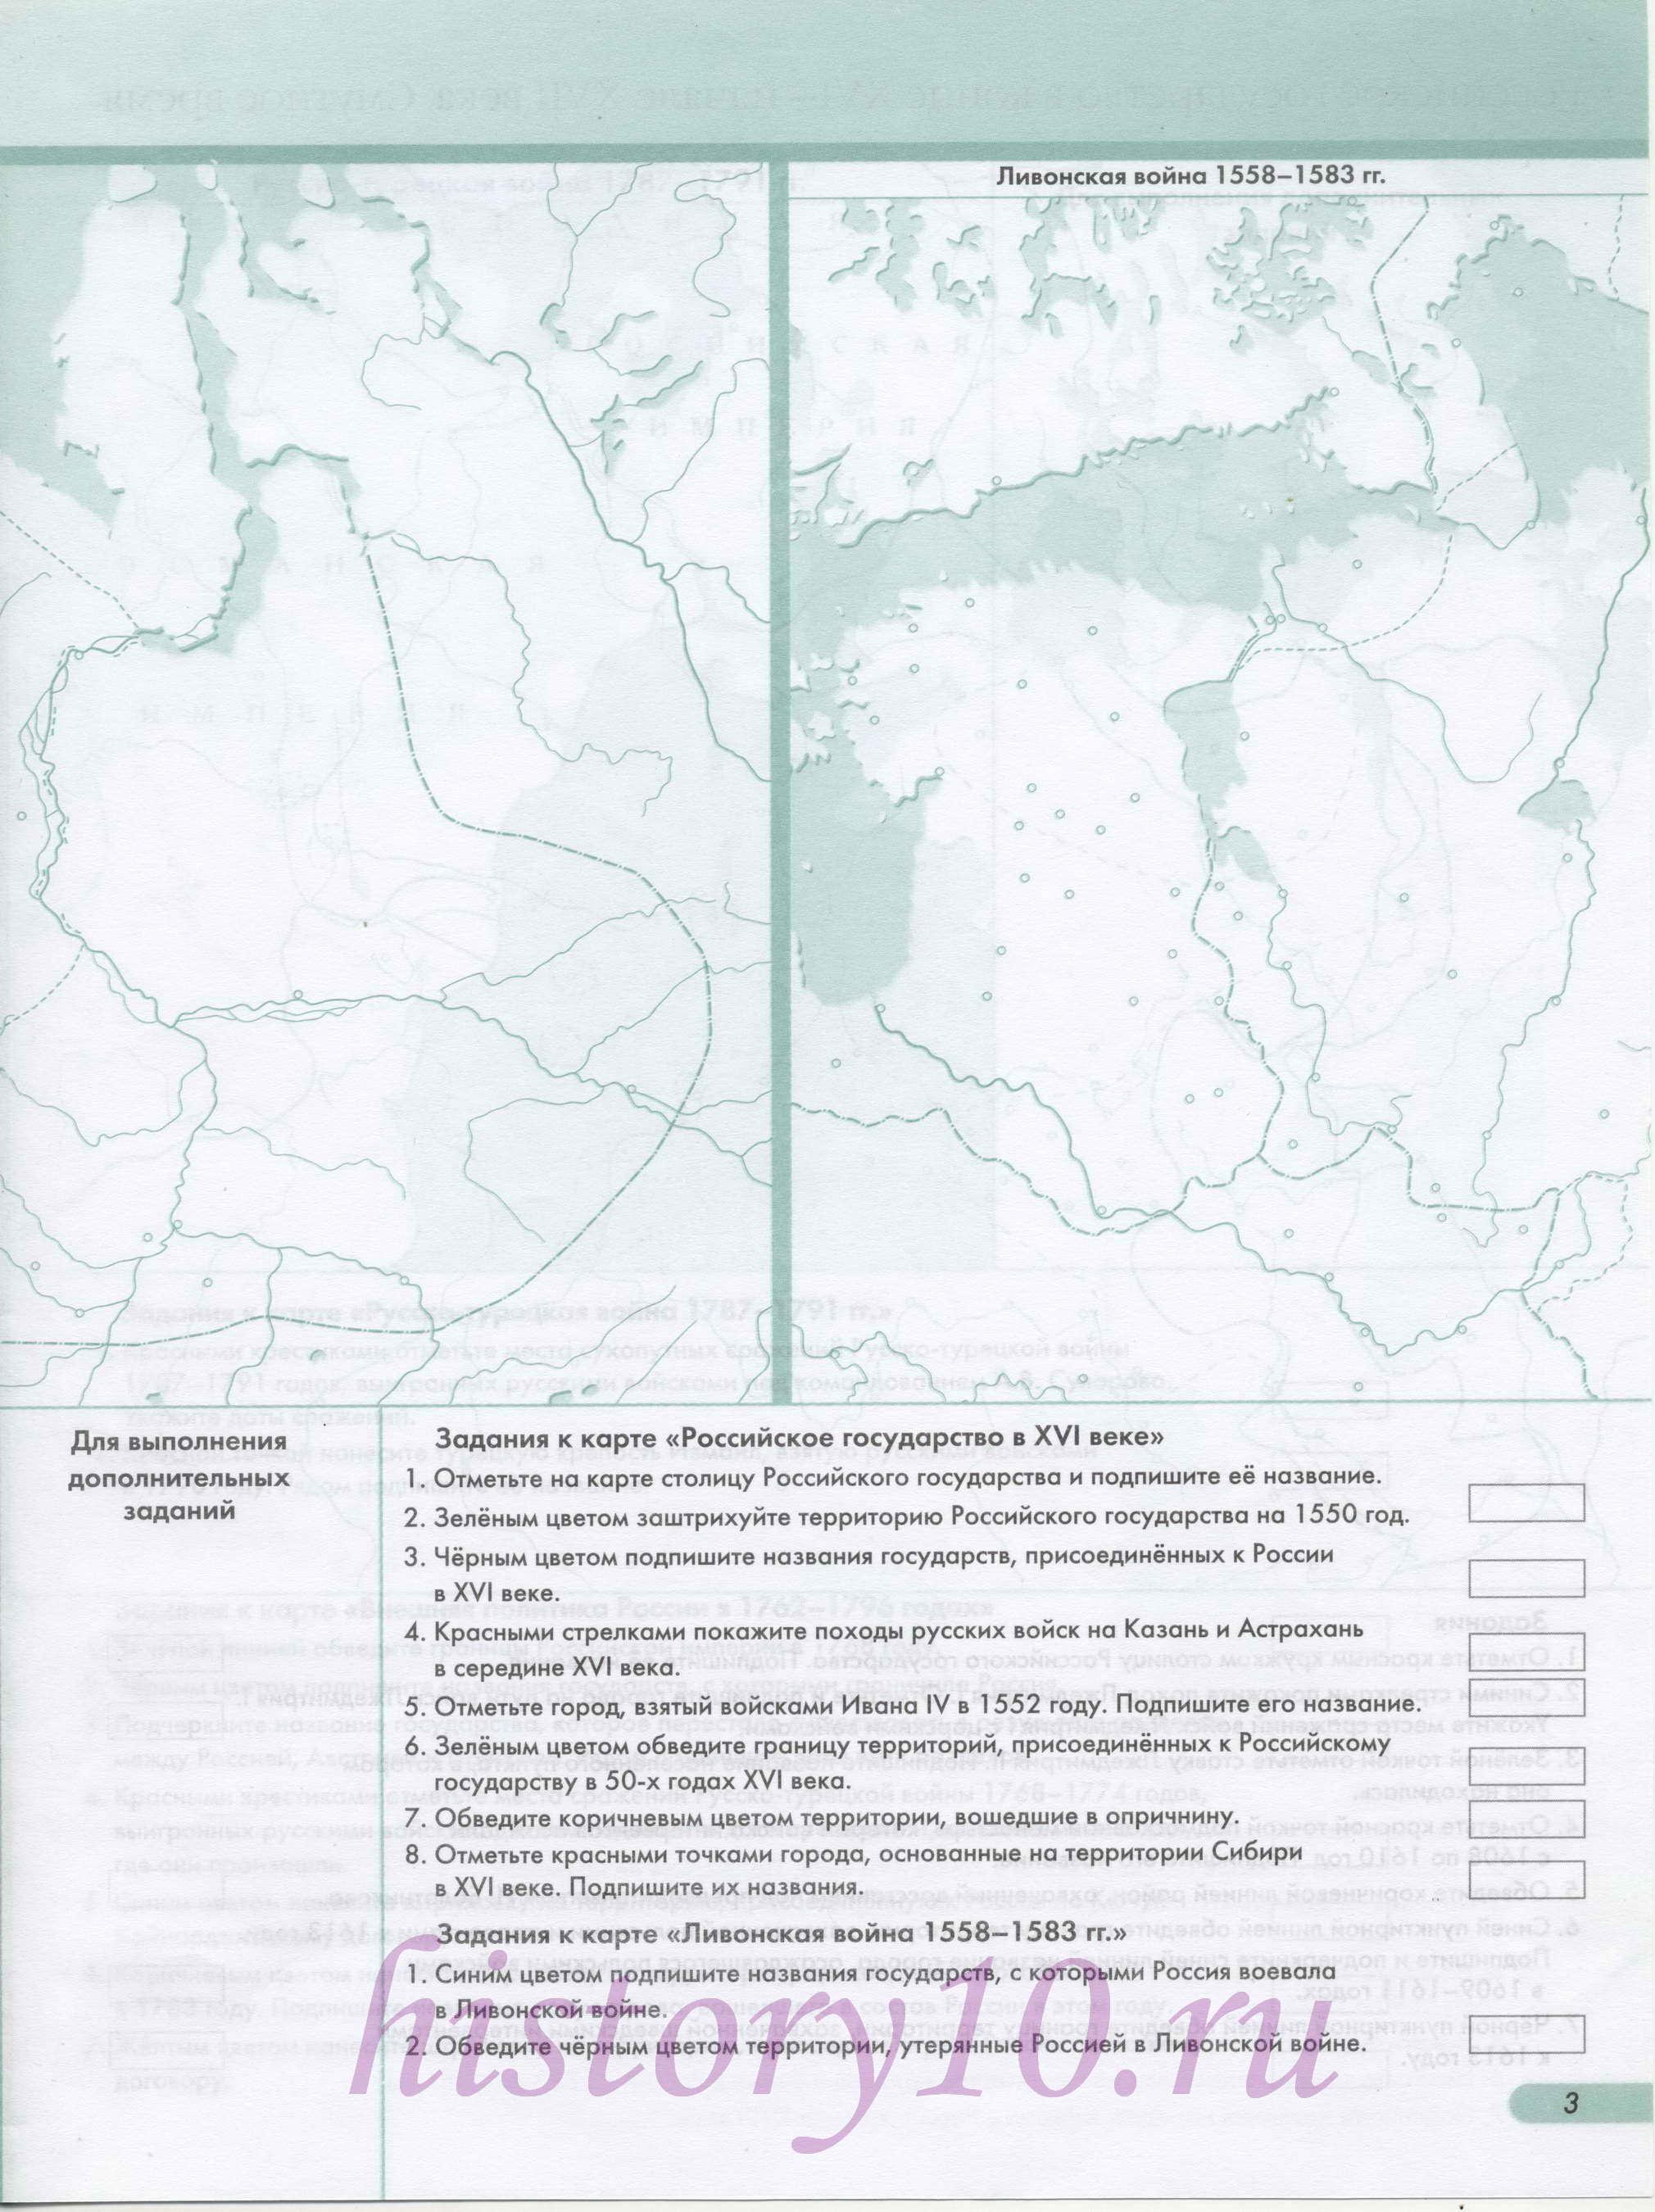 Истории ливонская война класс по 7 гдз карты контурные